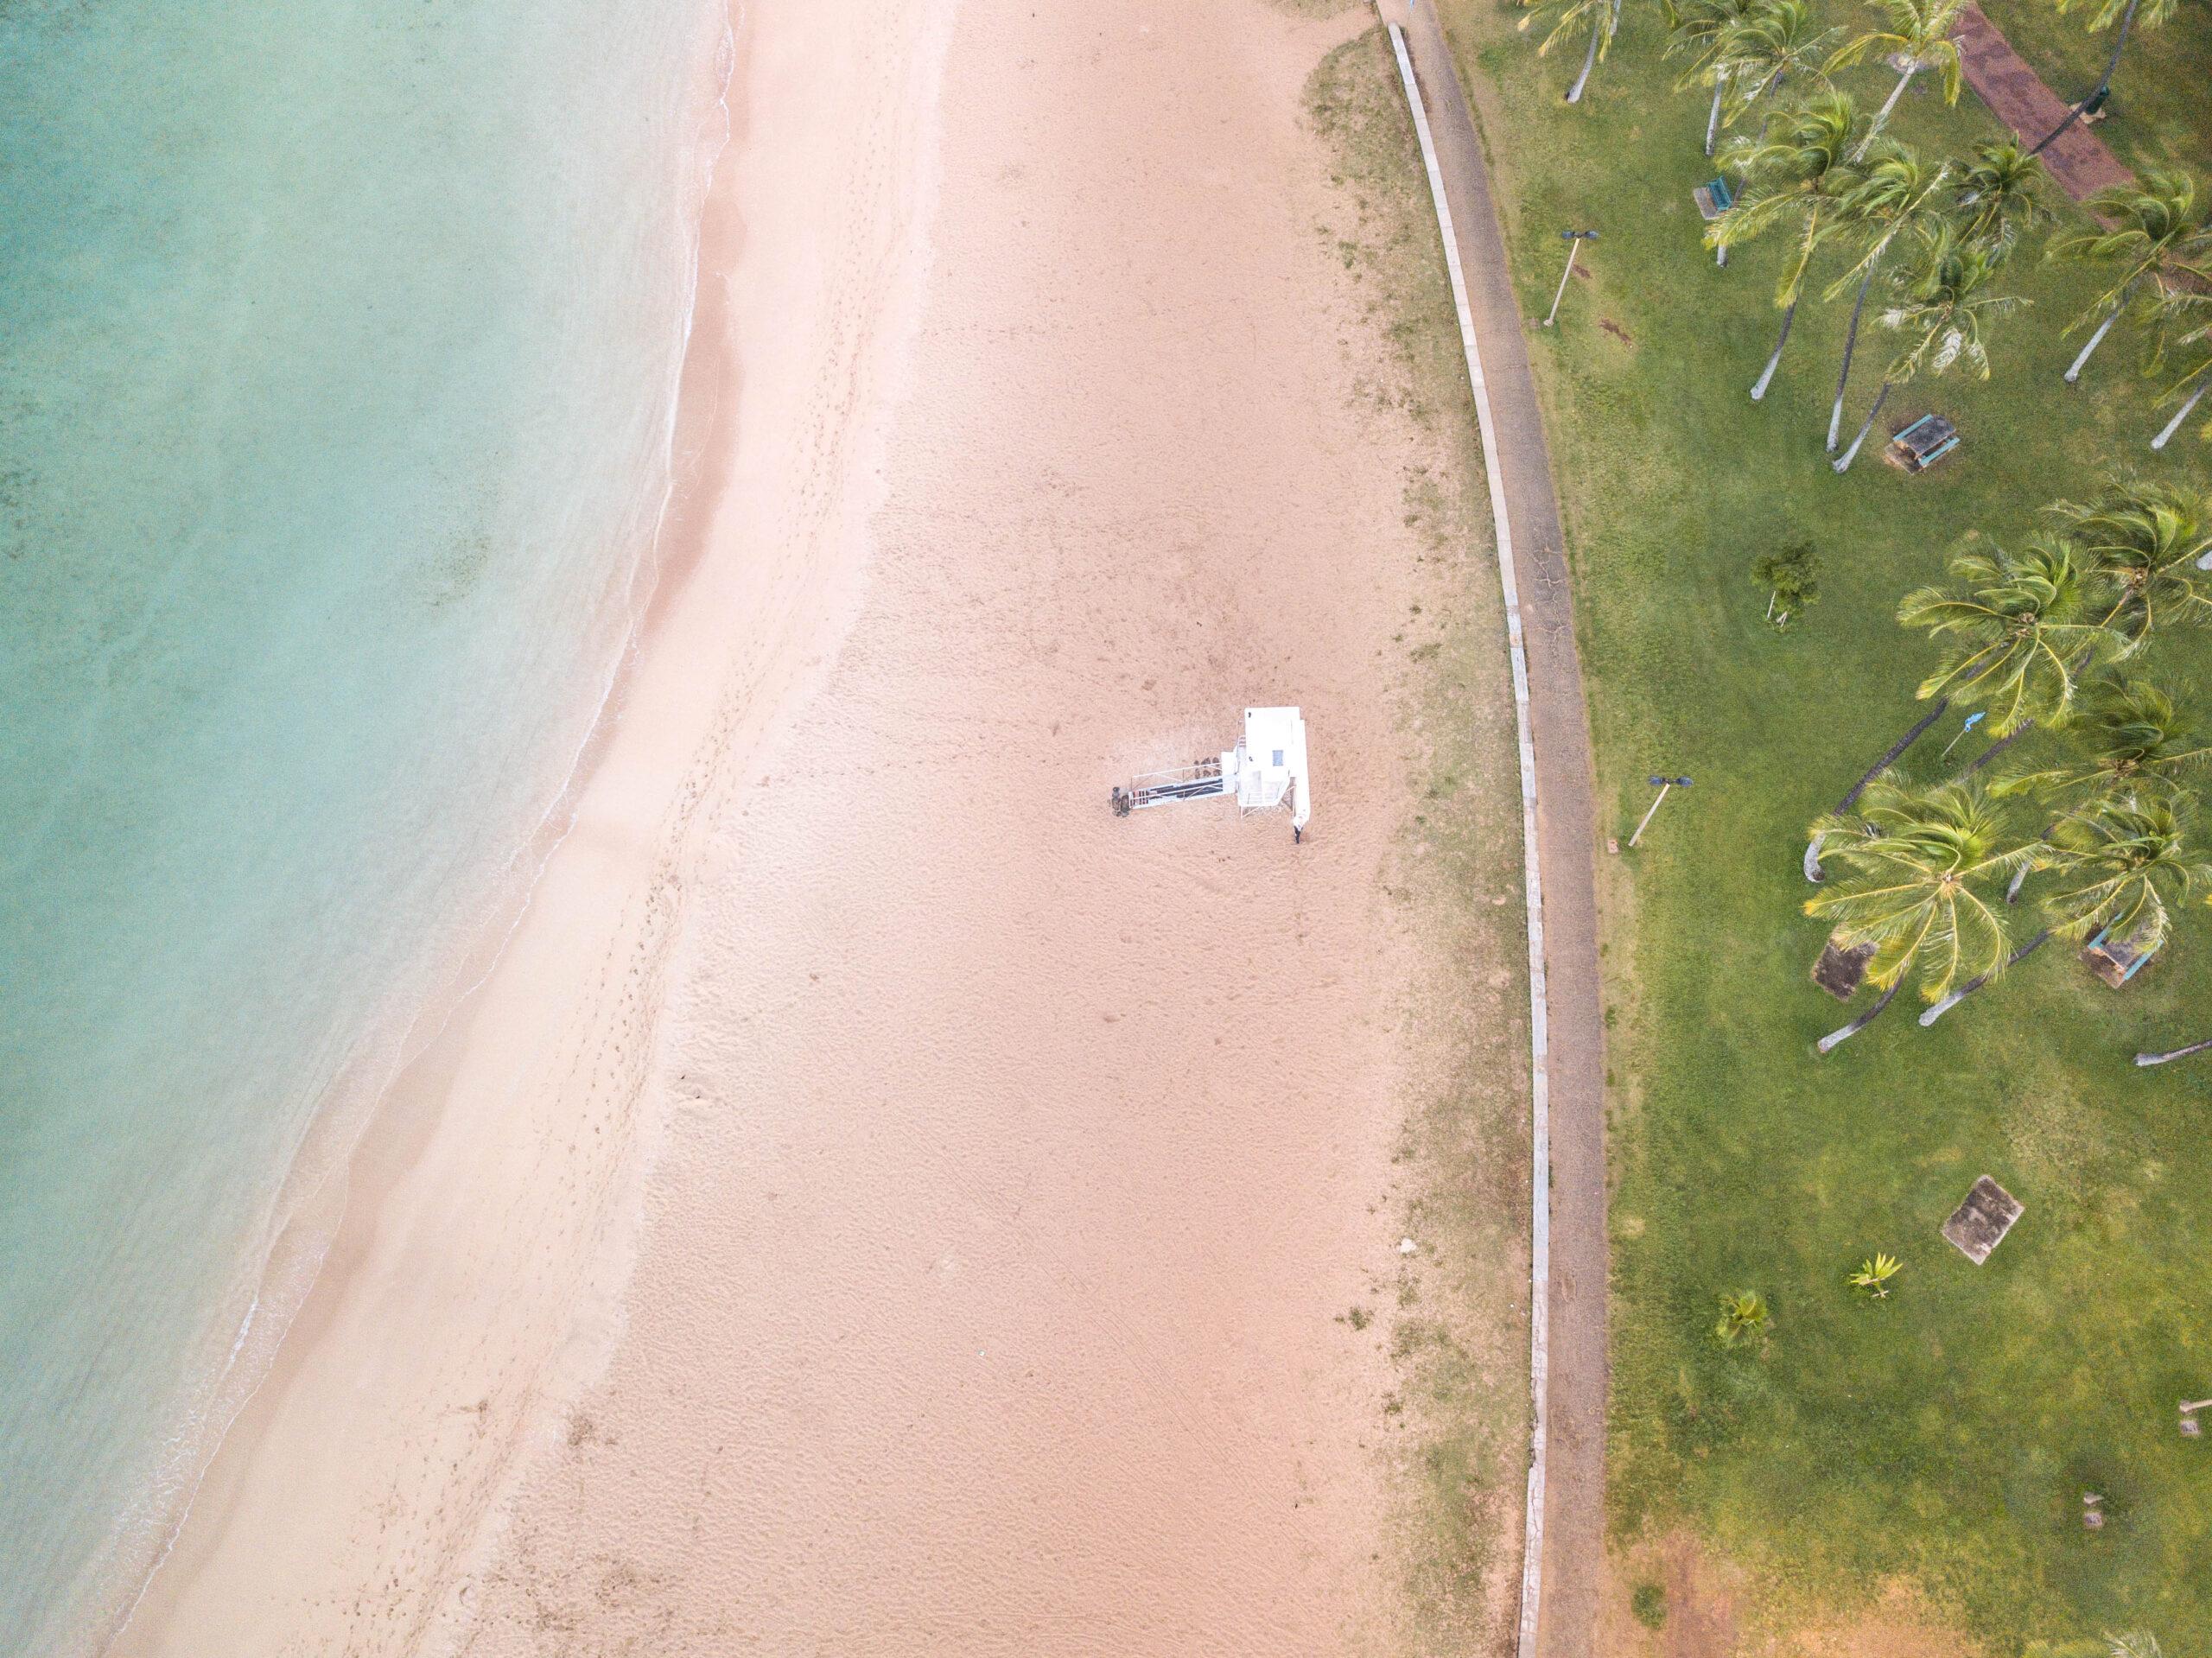 Lifeguard Stand on Beach - Oahu, Hawaii